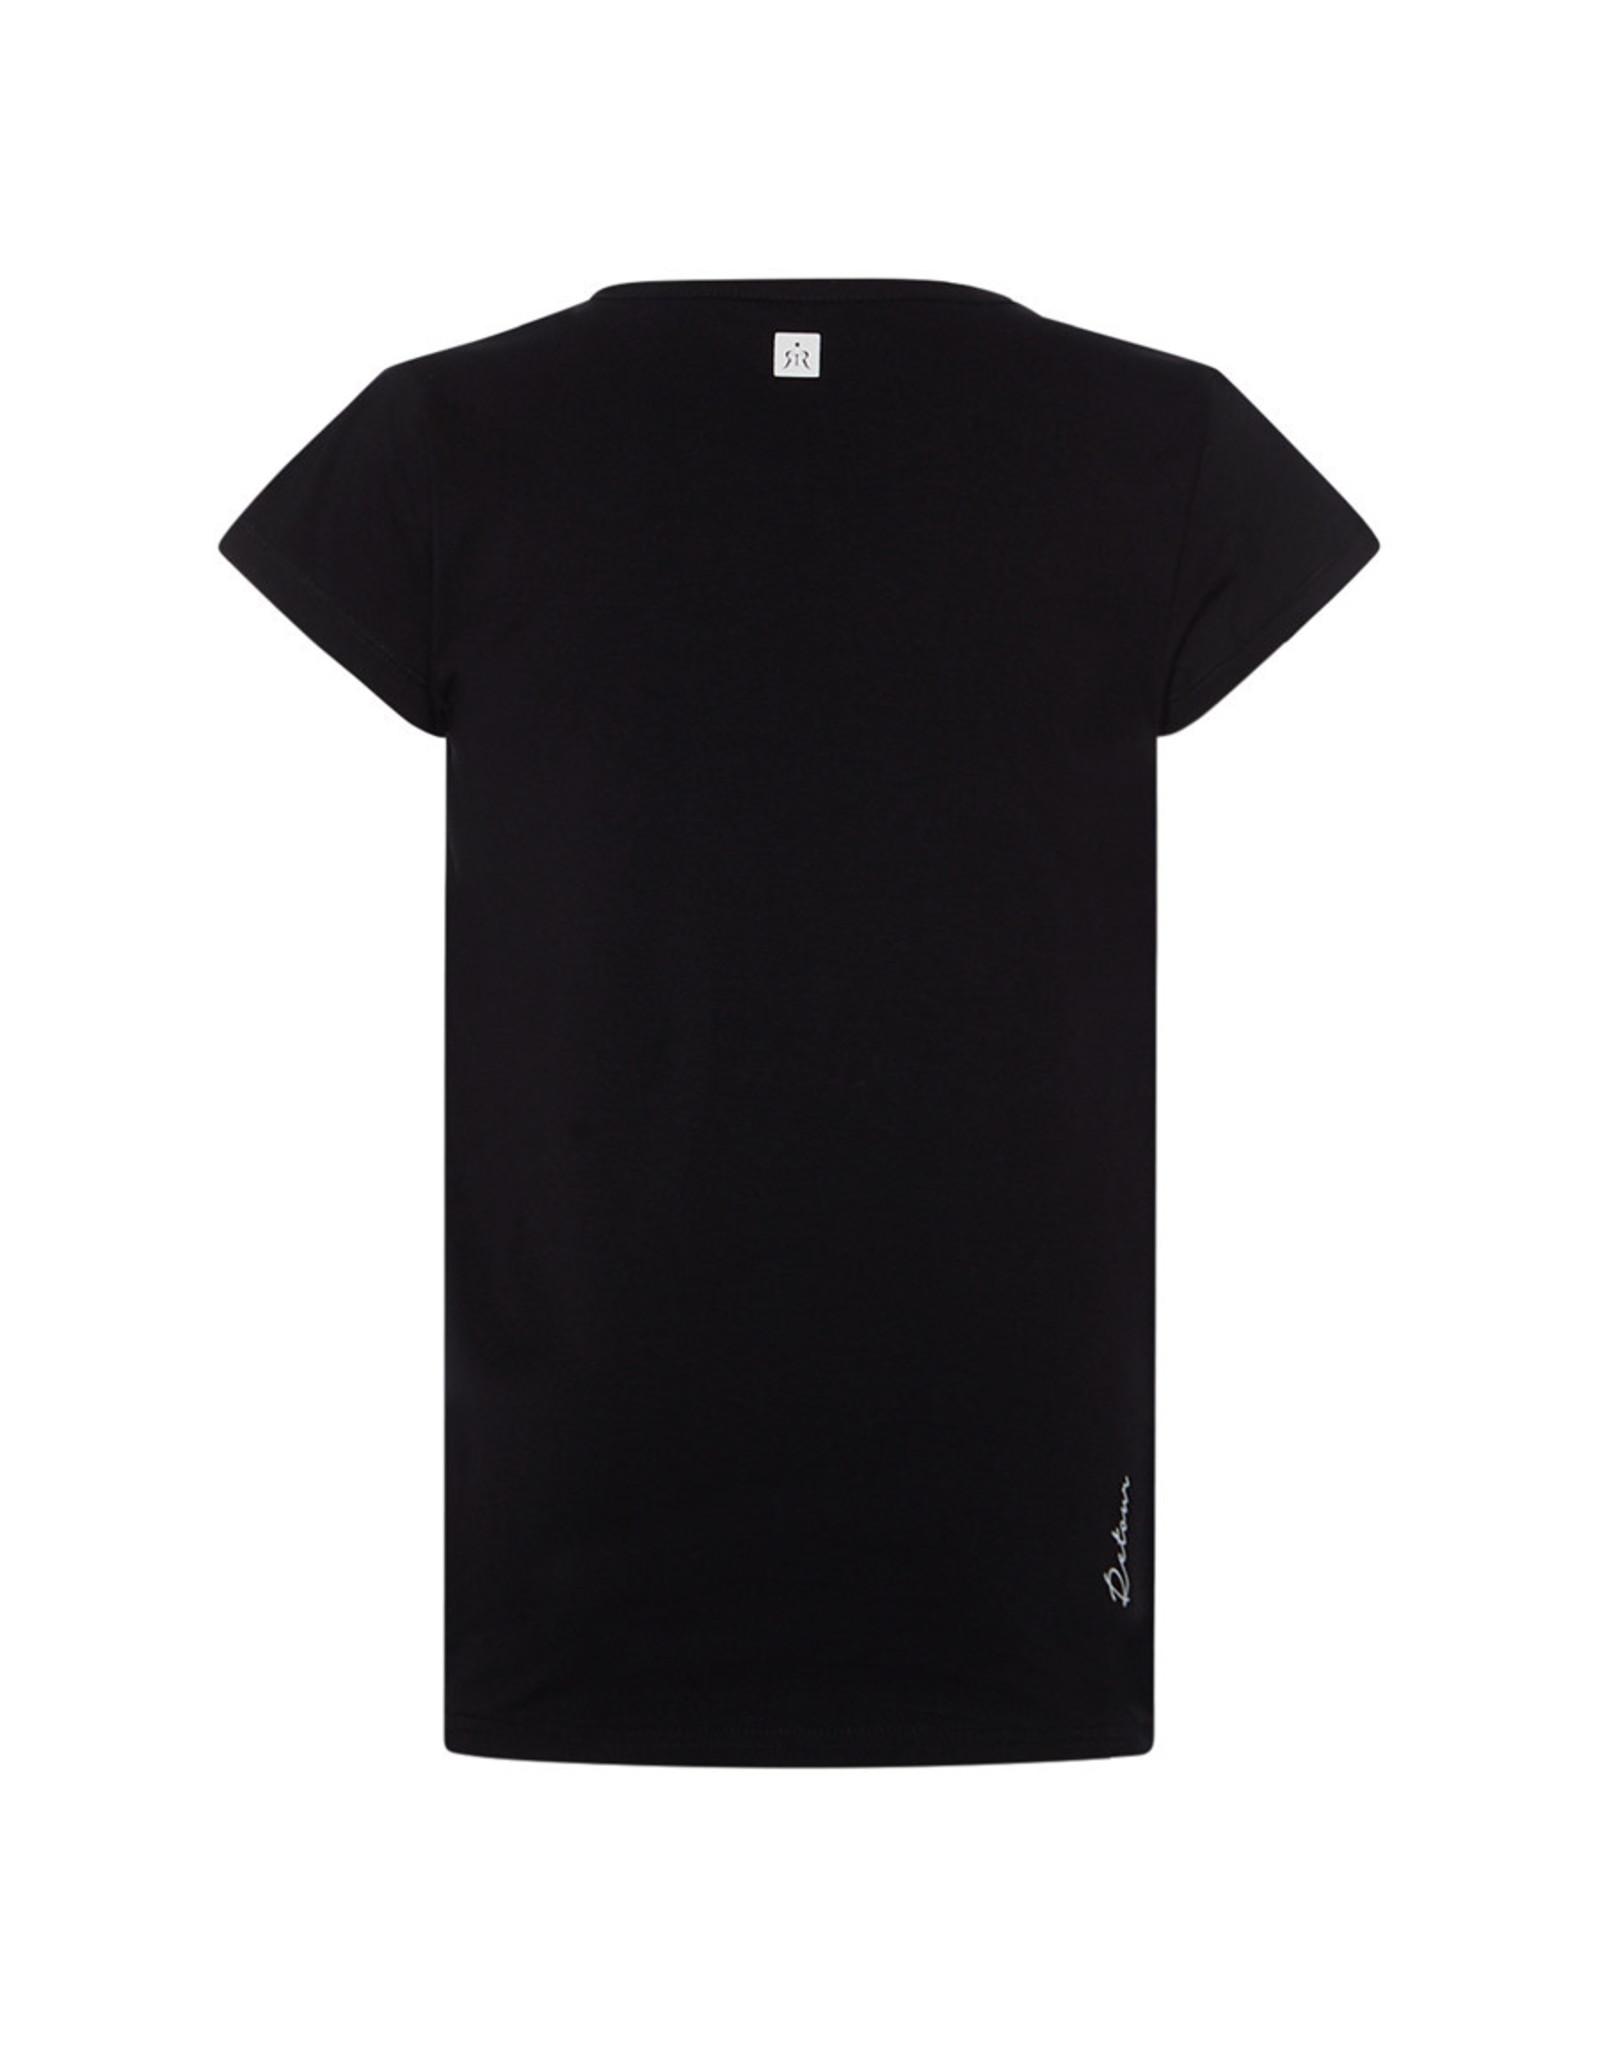 Retour Ave T-shirt 9000 Black